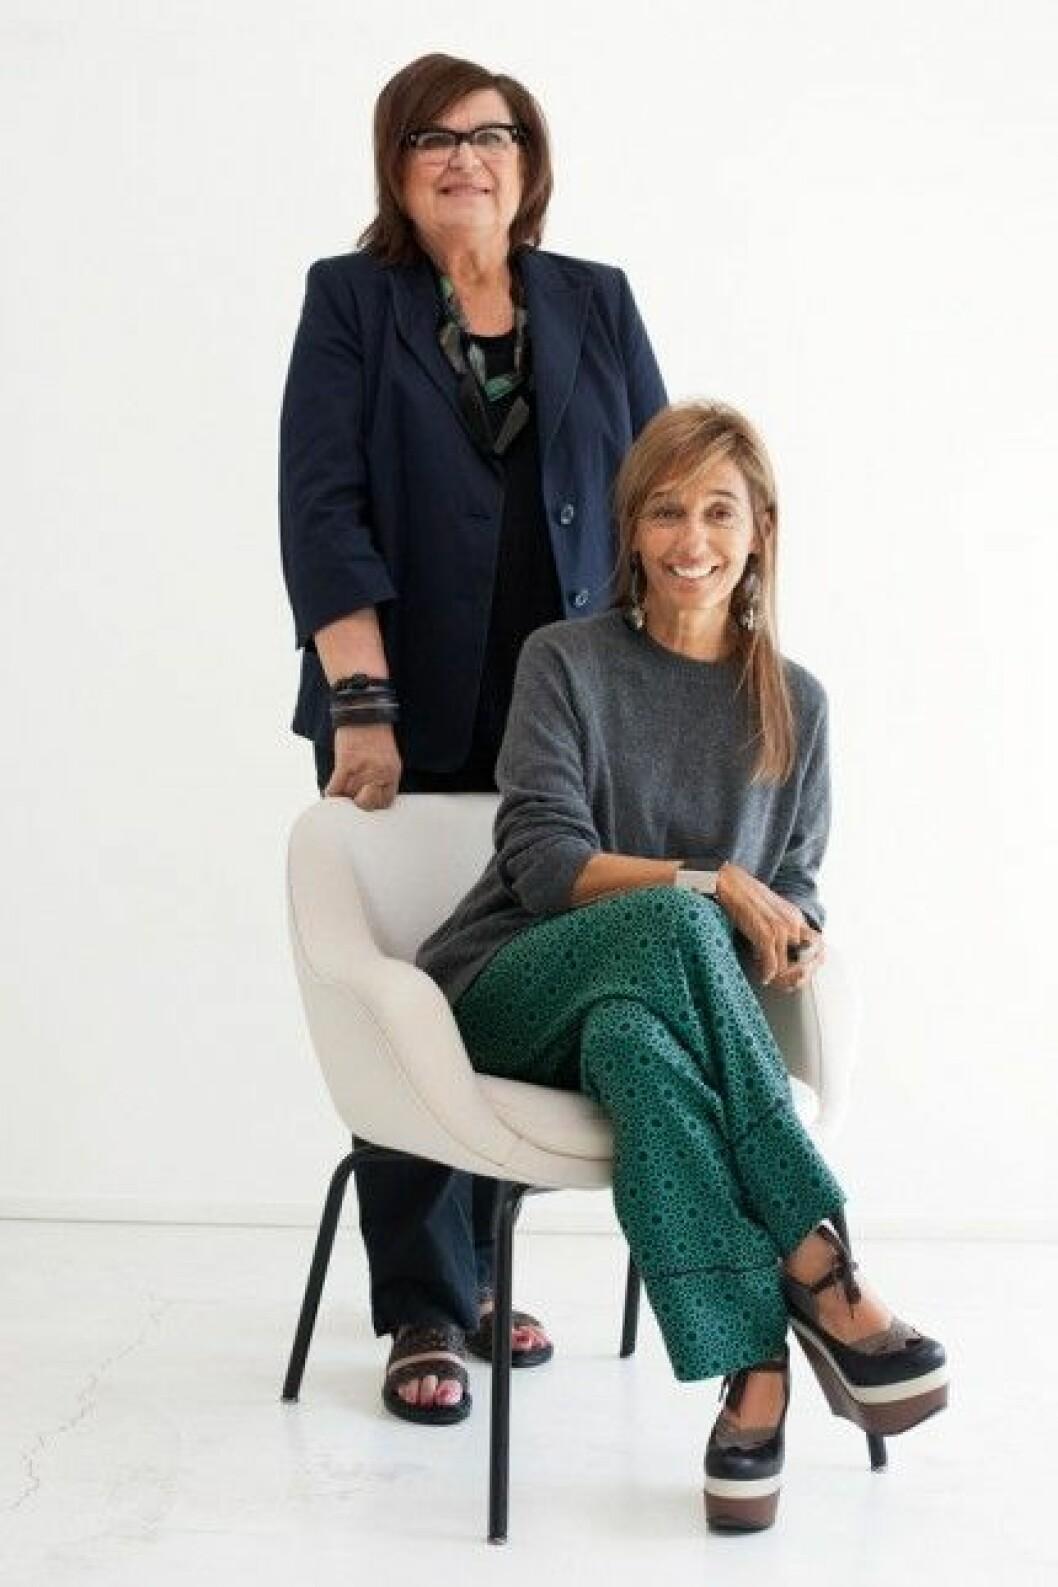 Margareta van den Bosch från H&M och Consuelo Castiglioni från Marni.